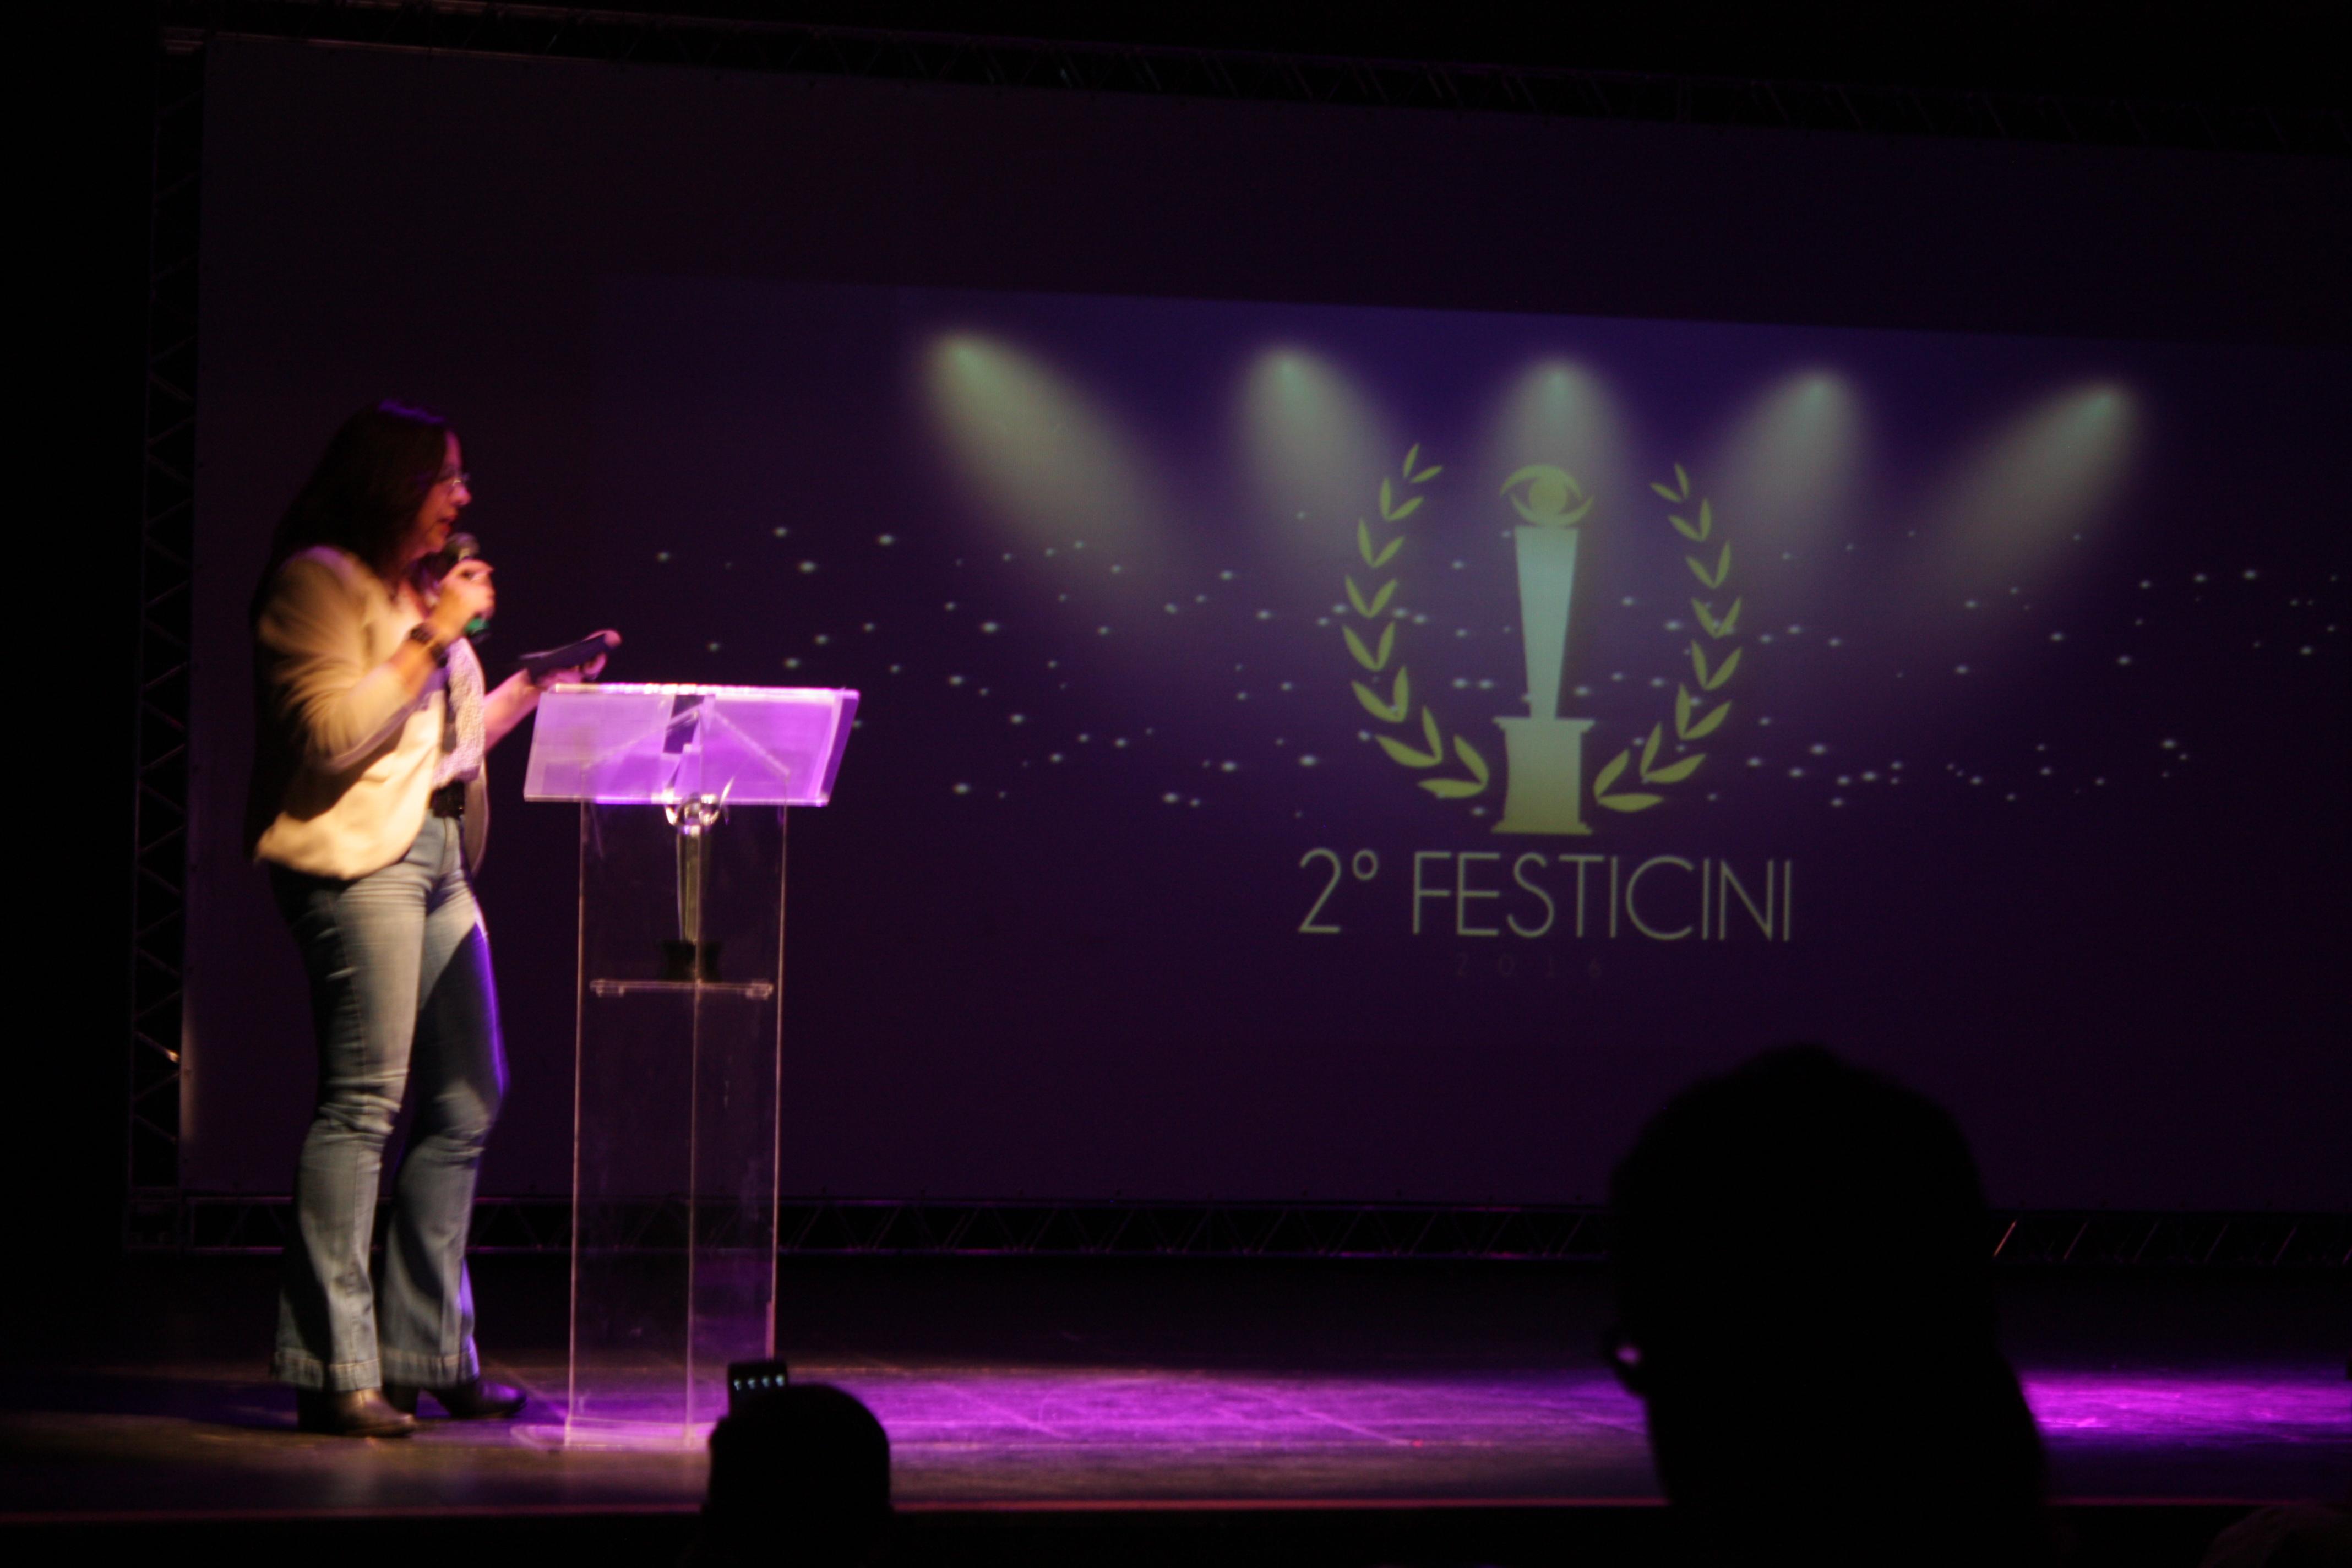 Rosemarie Basso Pátaro - Anuncia o prêmio de Melhor Figurino